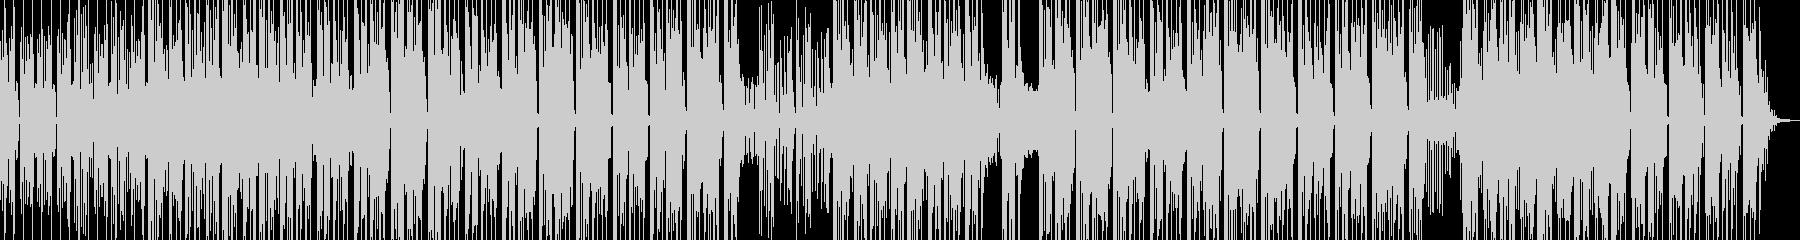 三味線・妖艶なアジアンポップ L+の未再生の波形